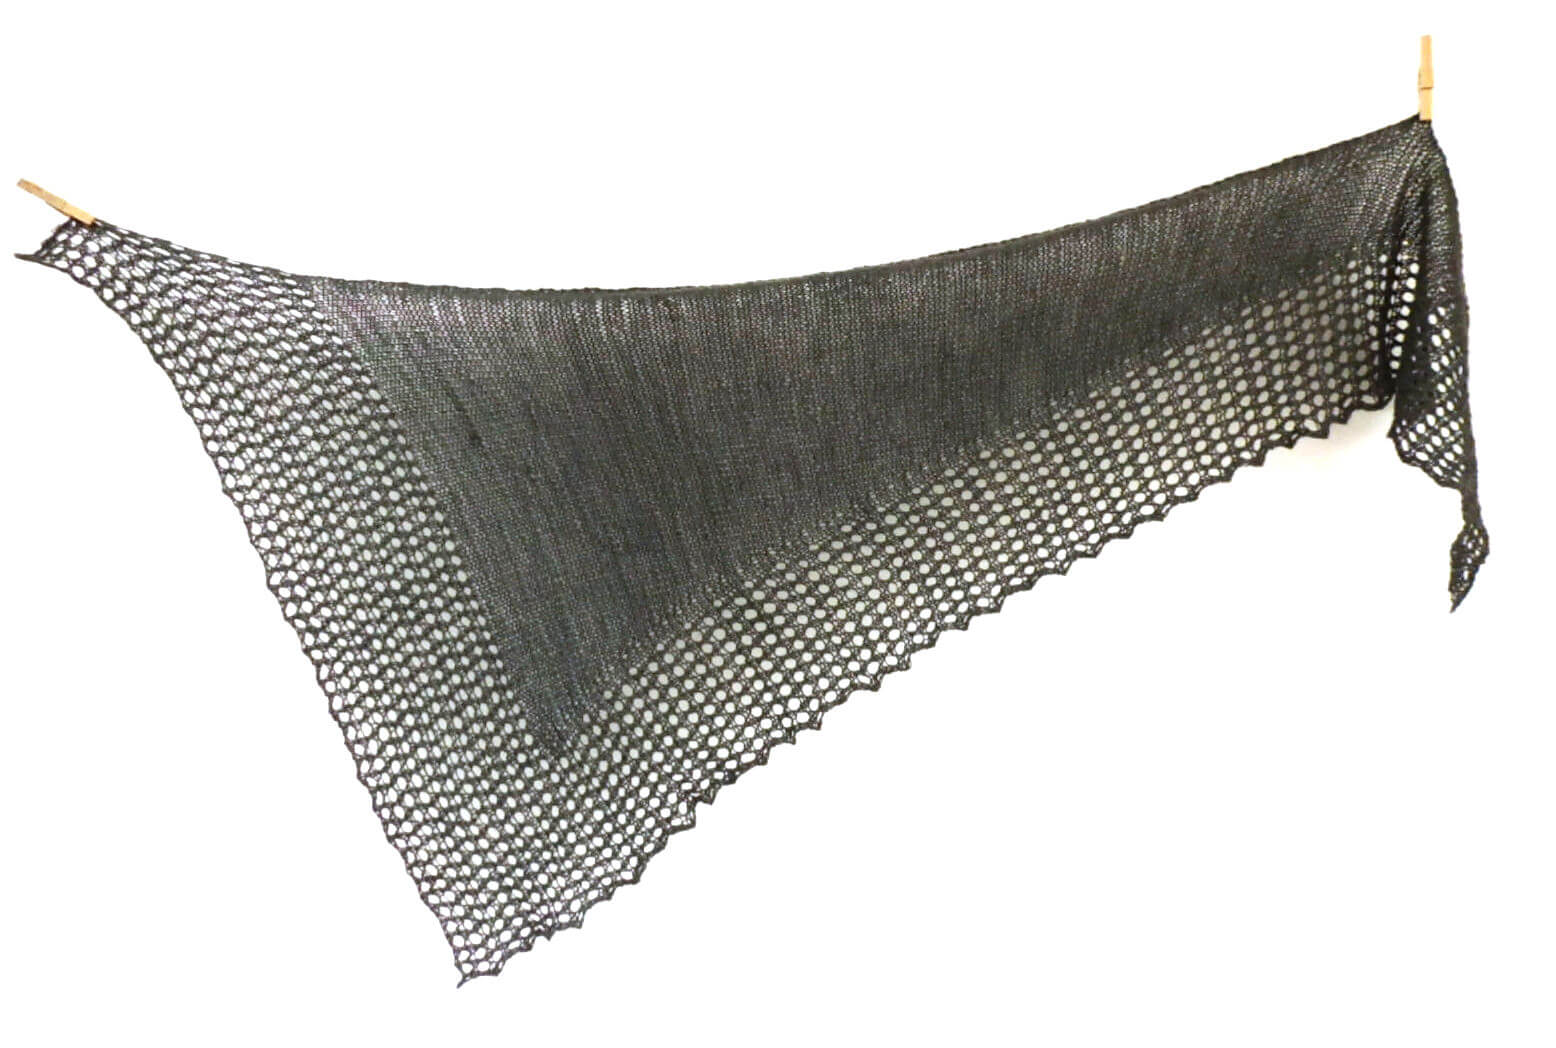 bezaan by La Visch Designs